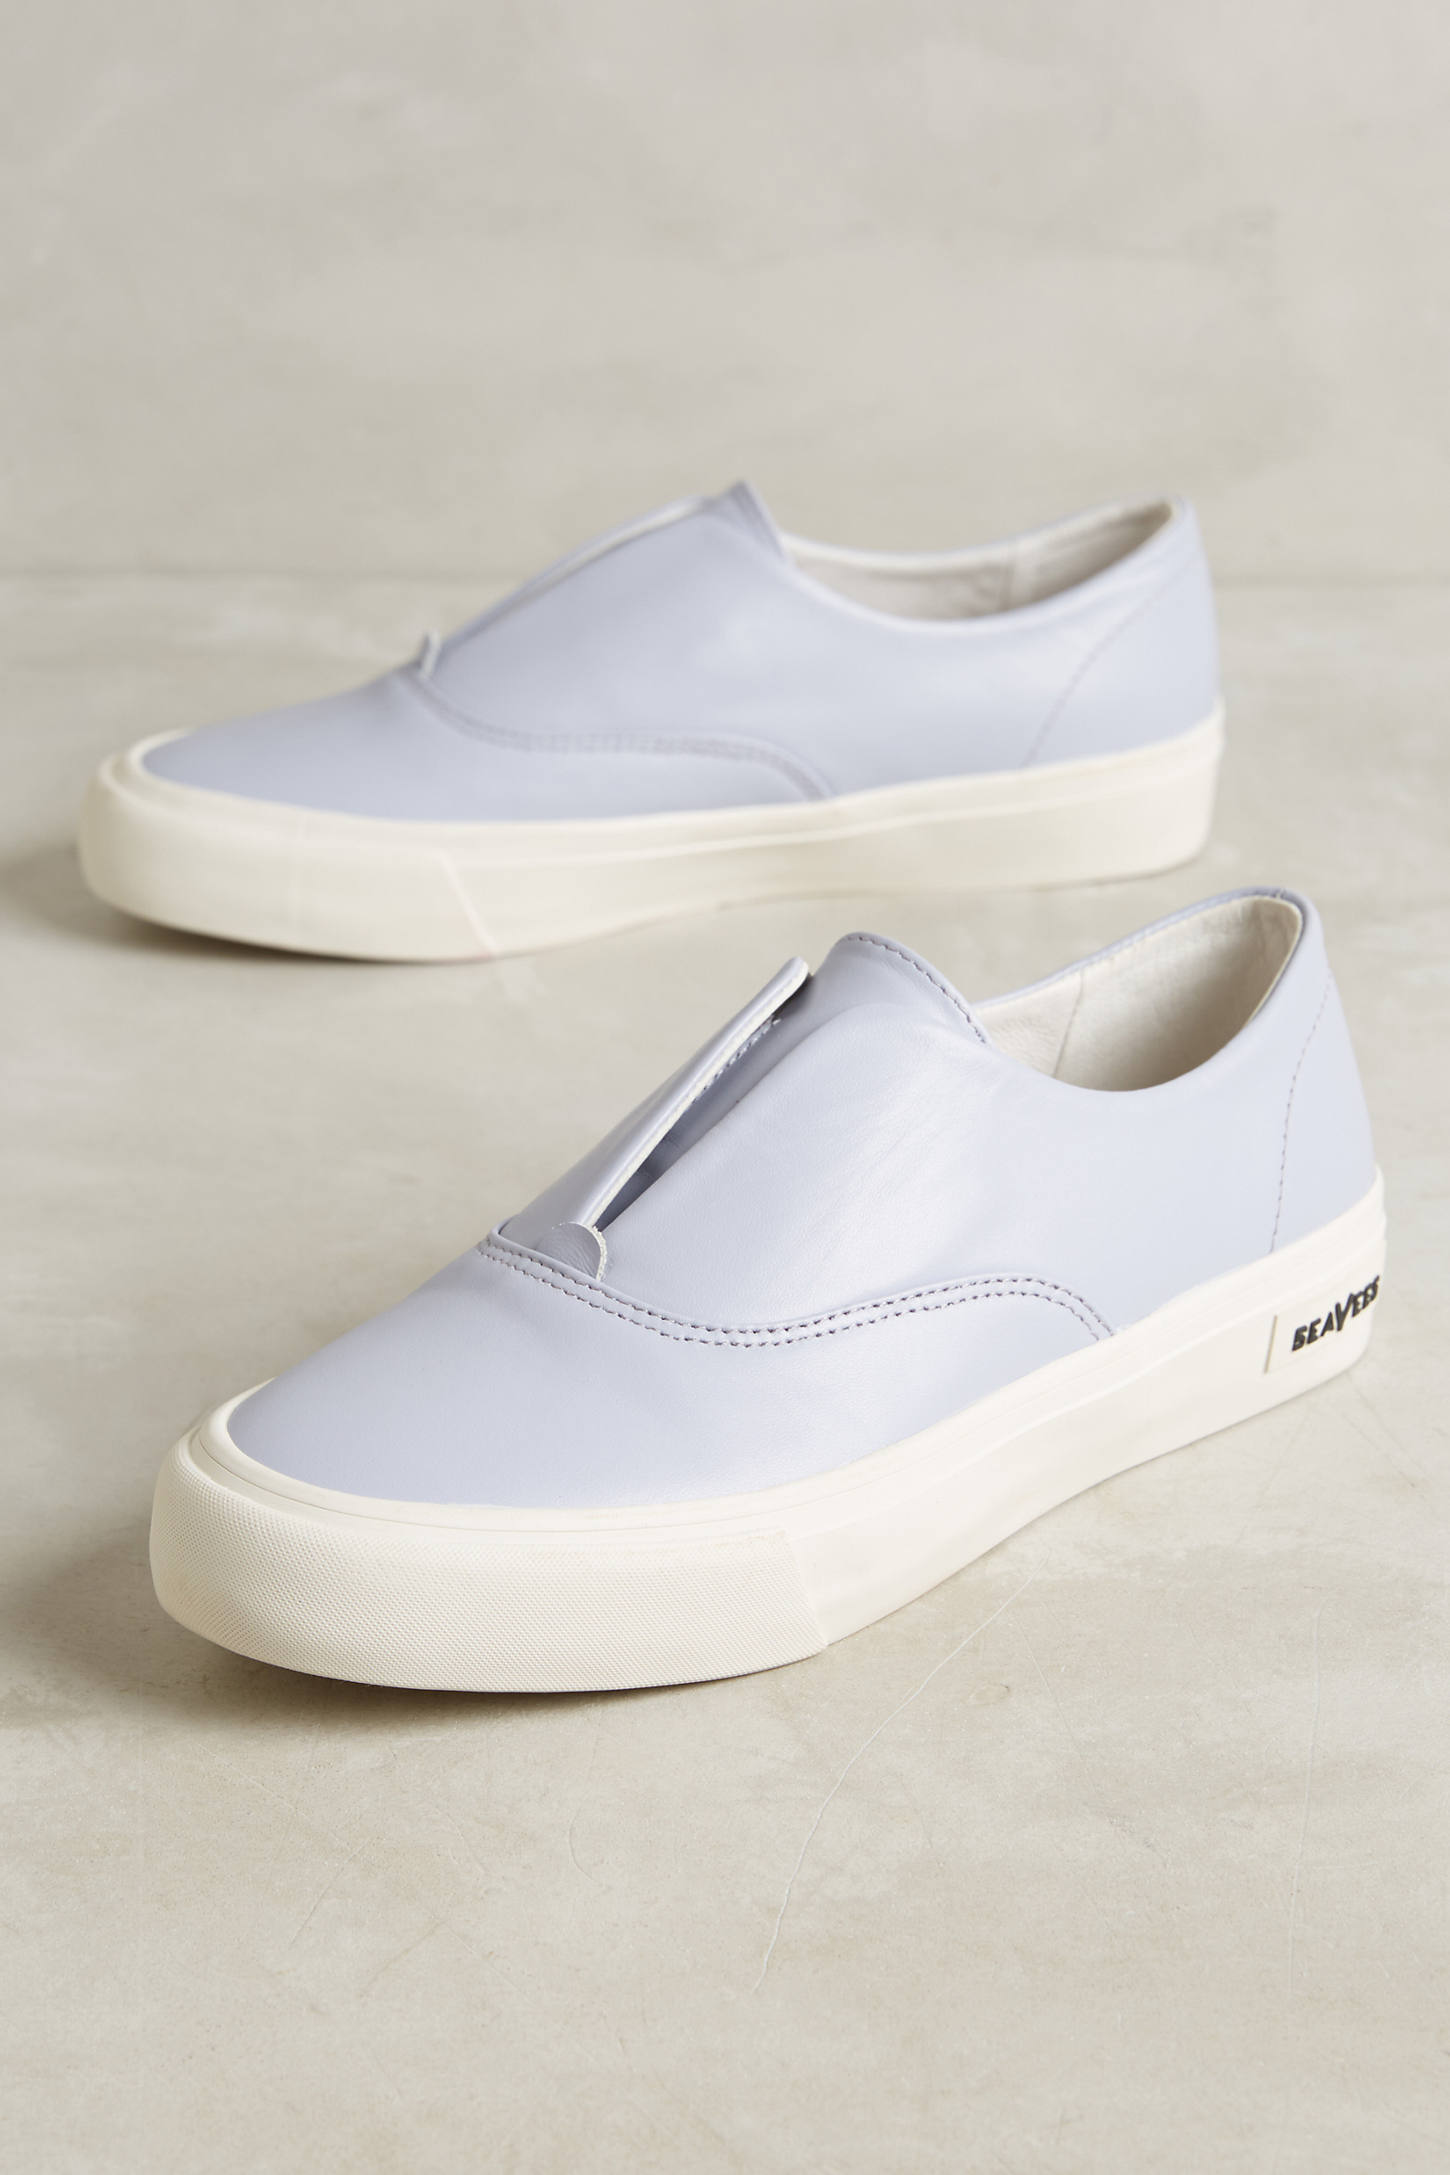 SeaVees Shine Sneakers